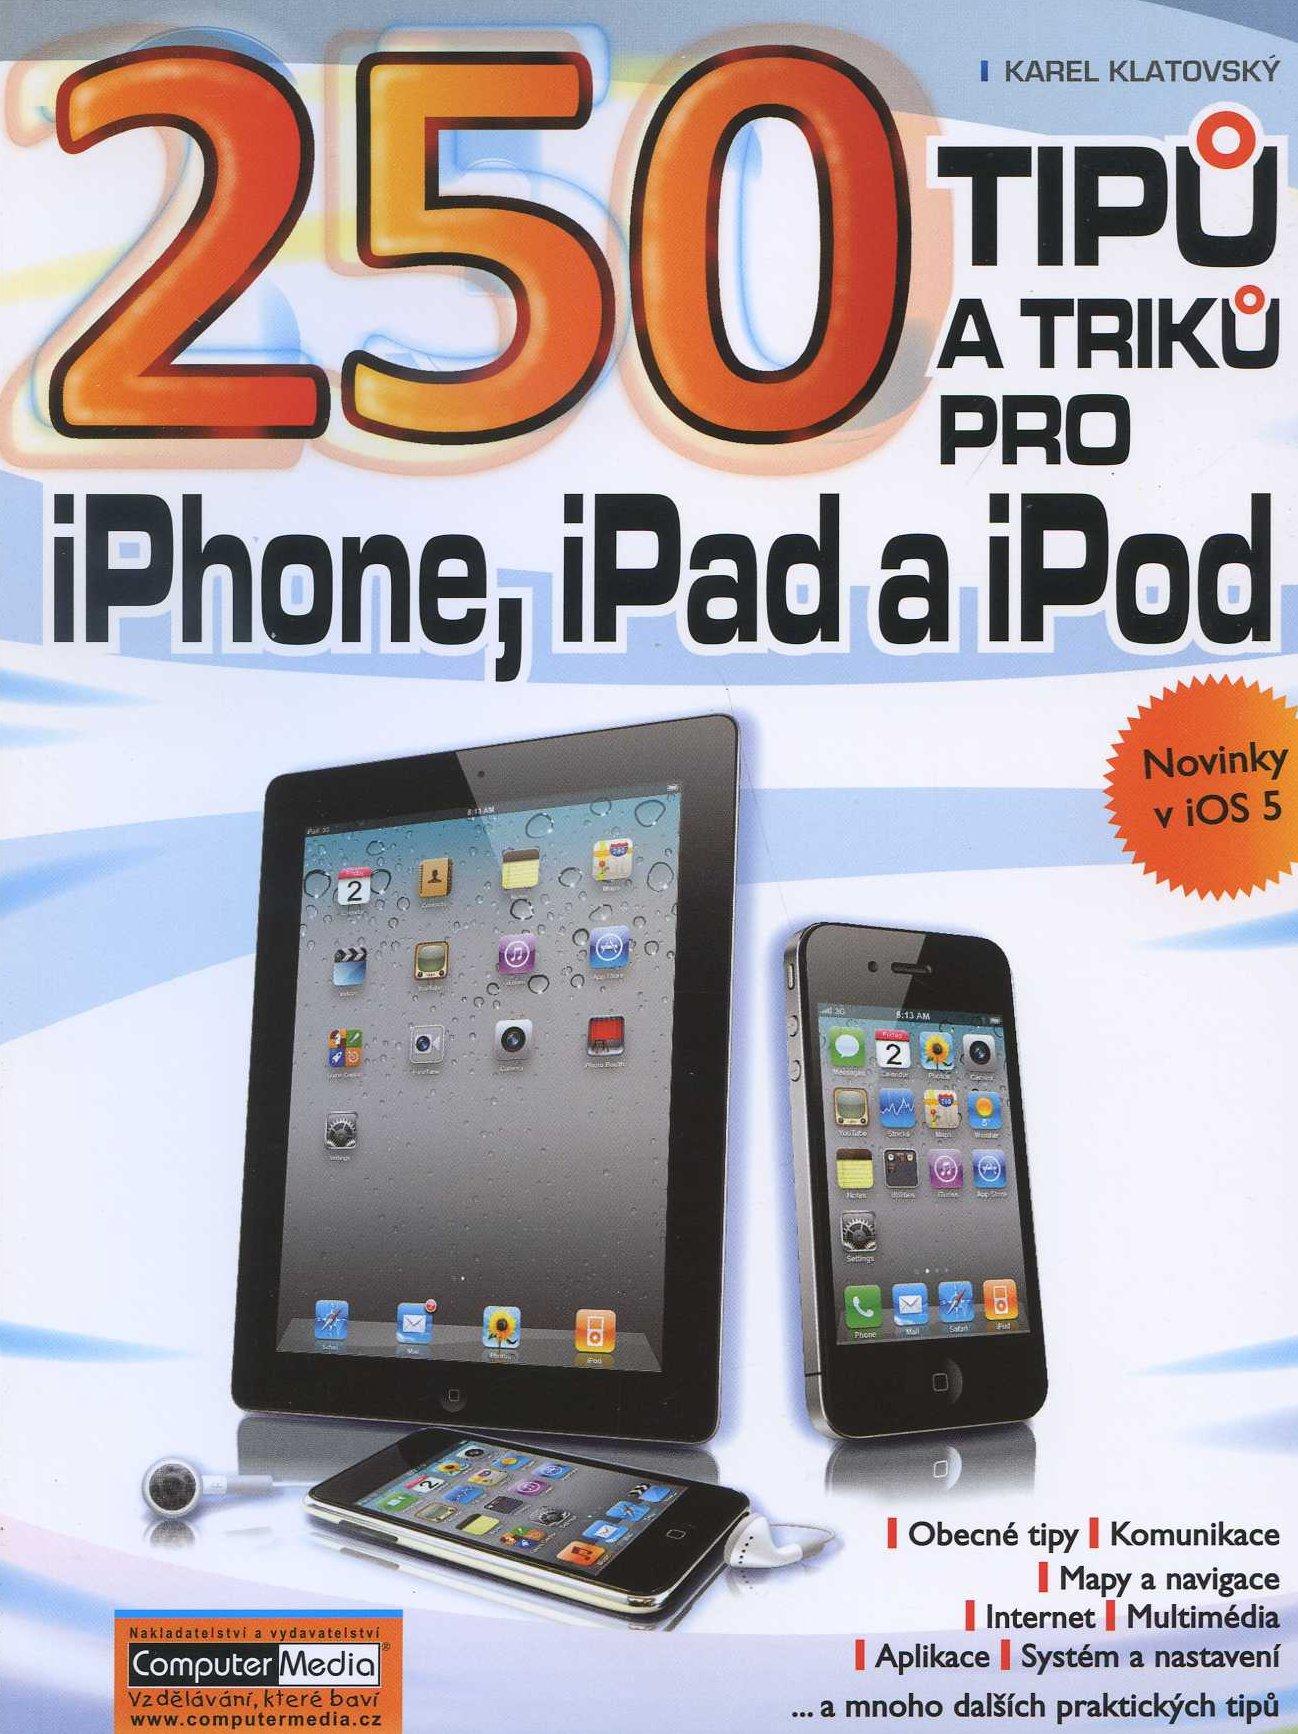 250 tipů a triků pro iPhone, iPad a iPod